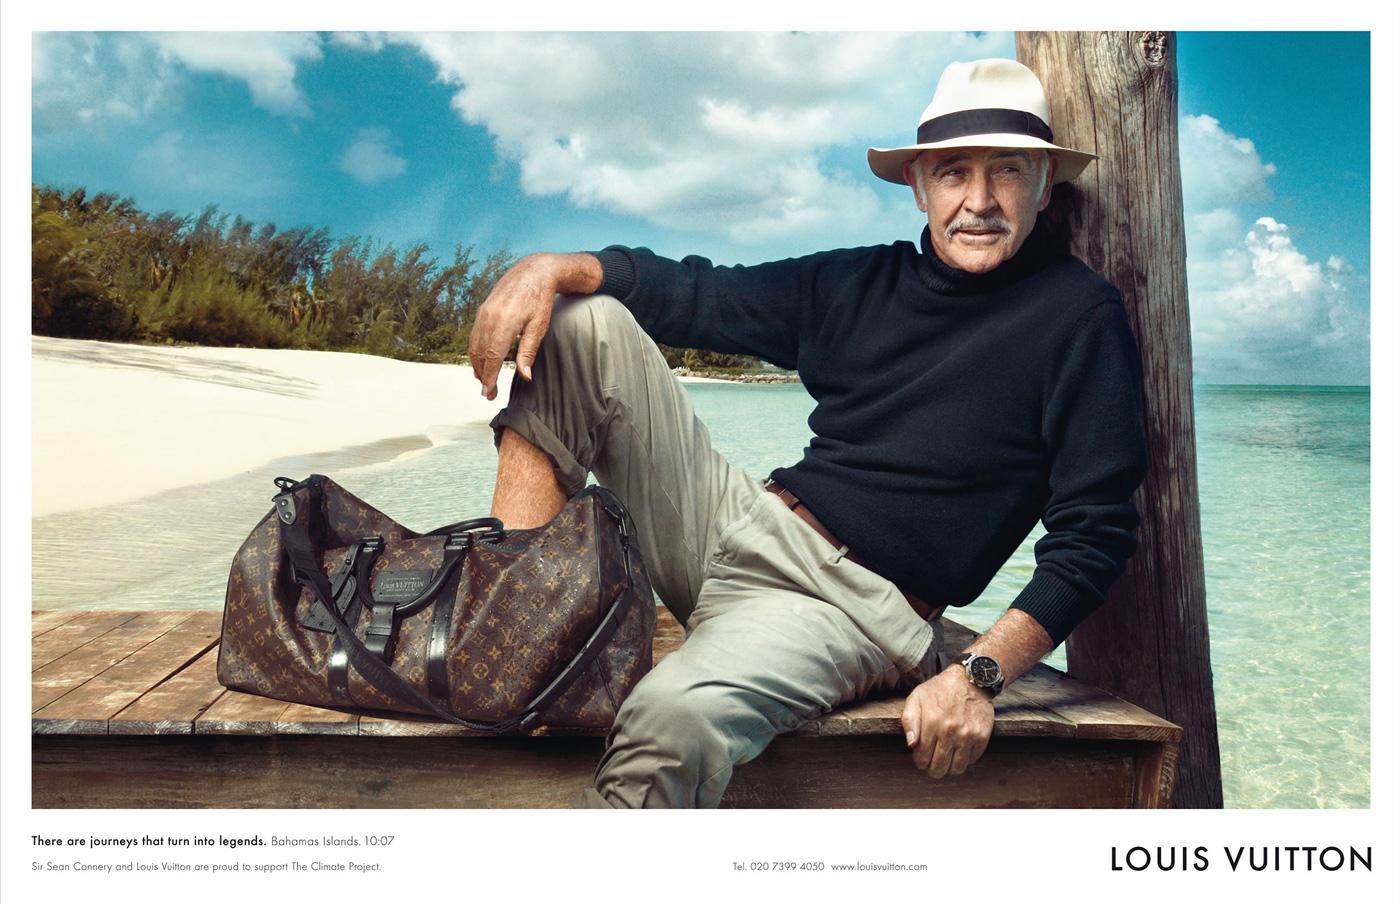 Annie Leibovitz - Louis Vuitton - Sean Connery.jpg